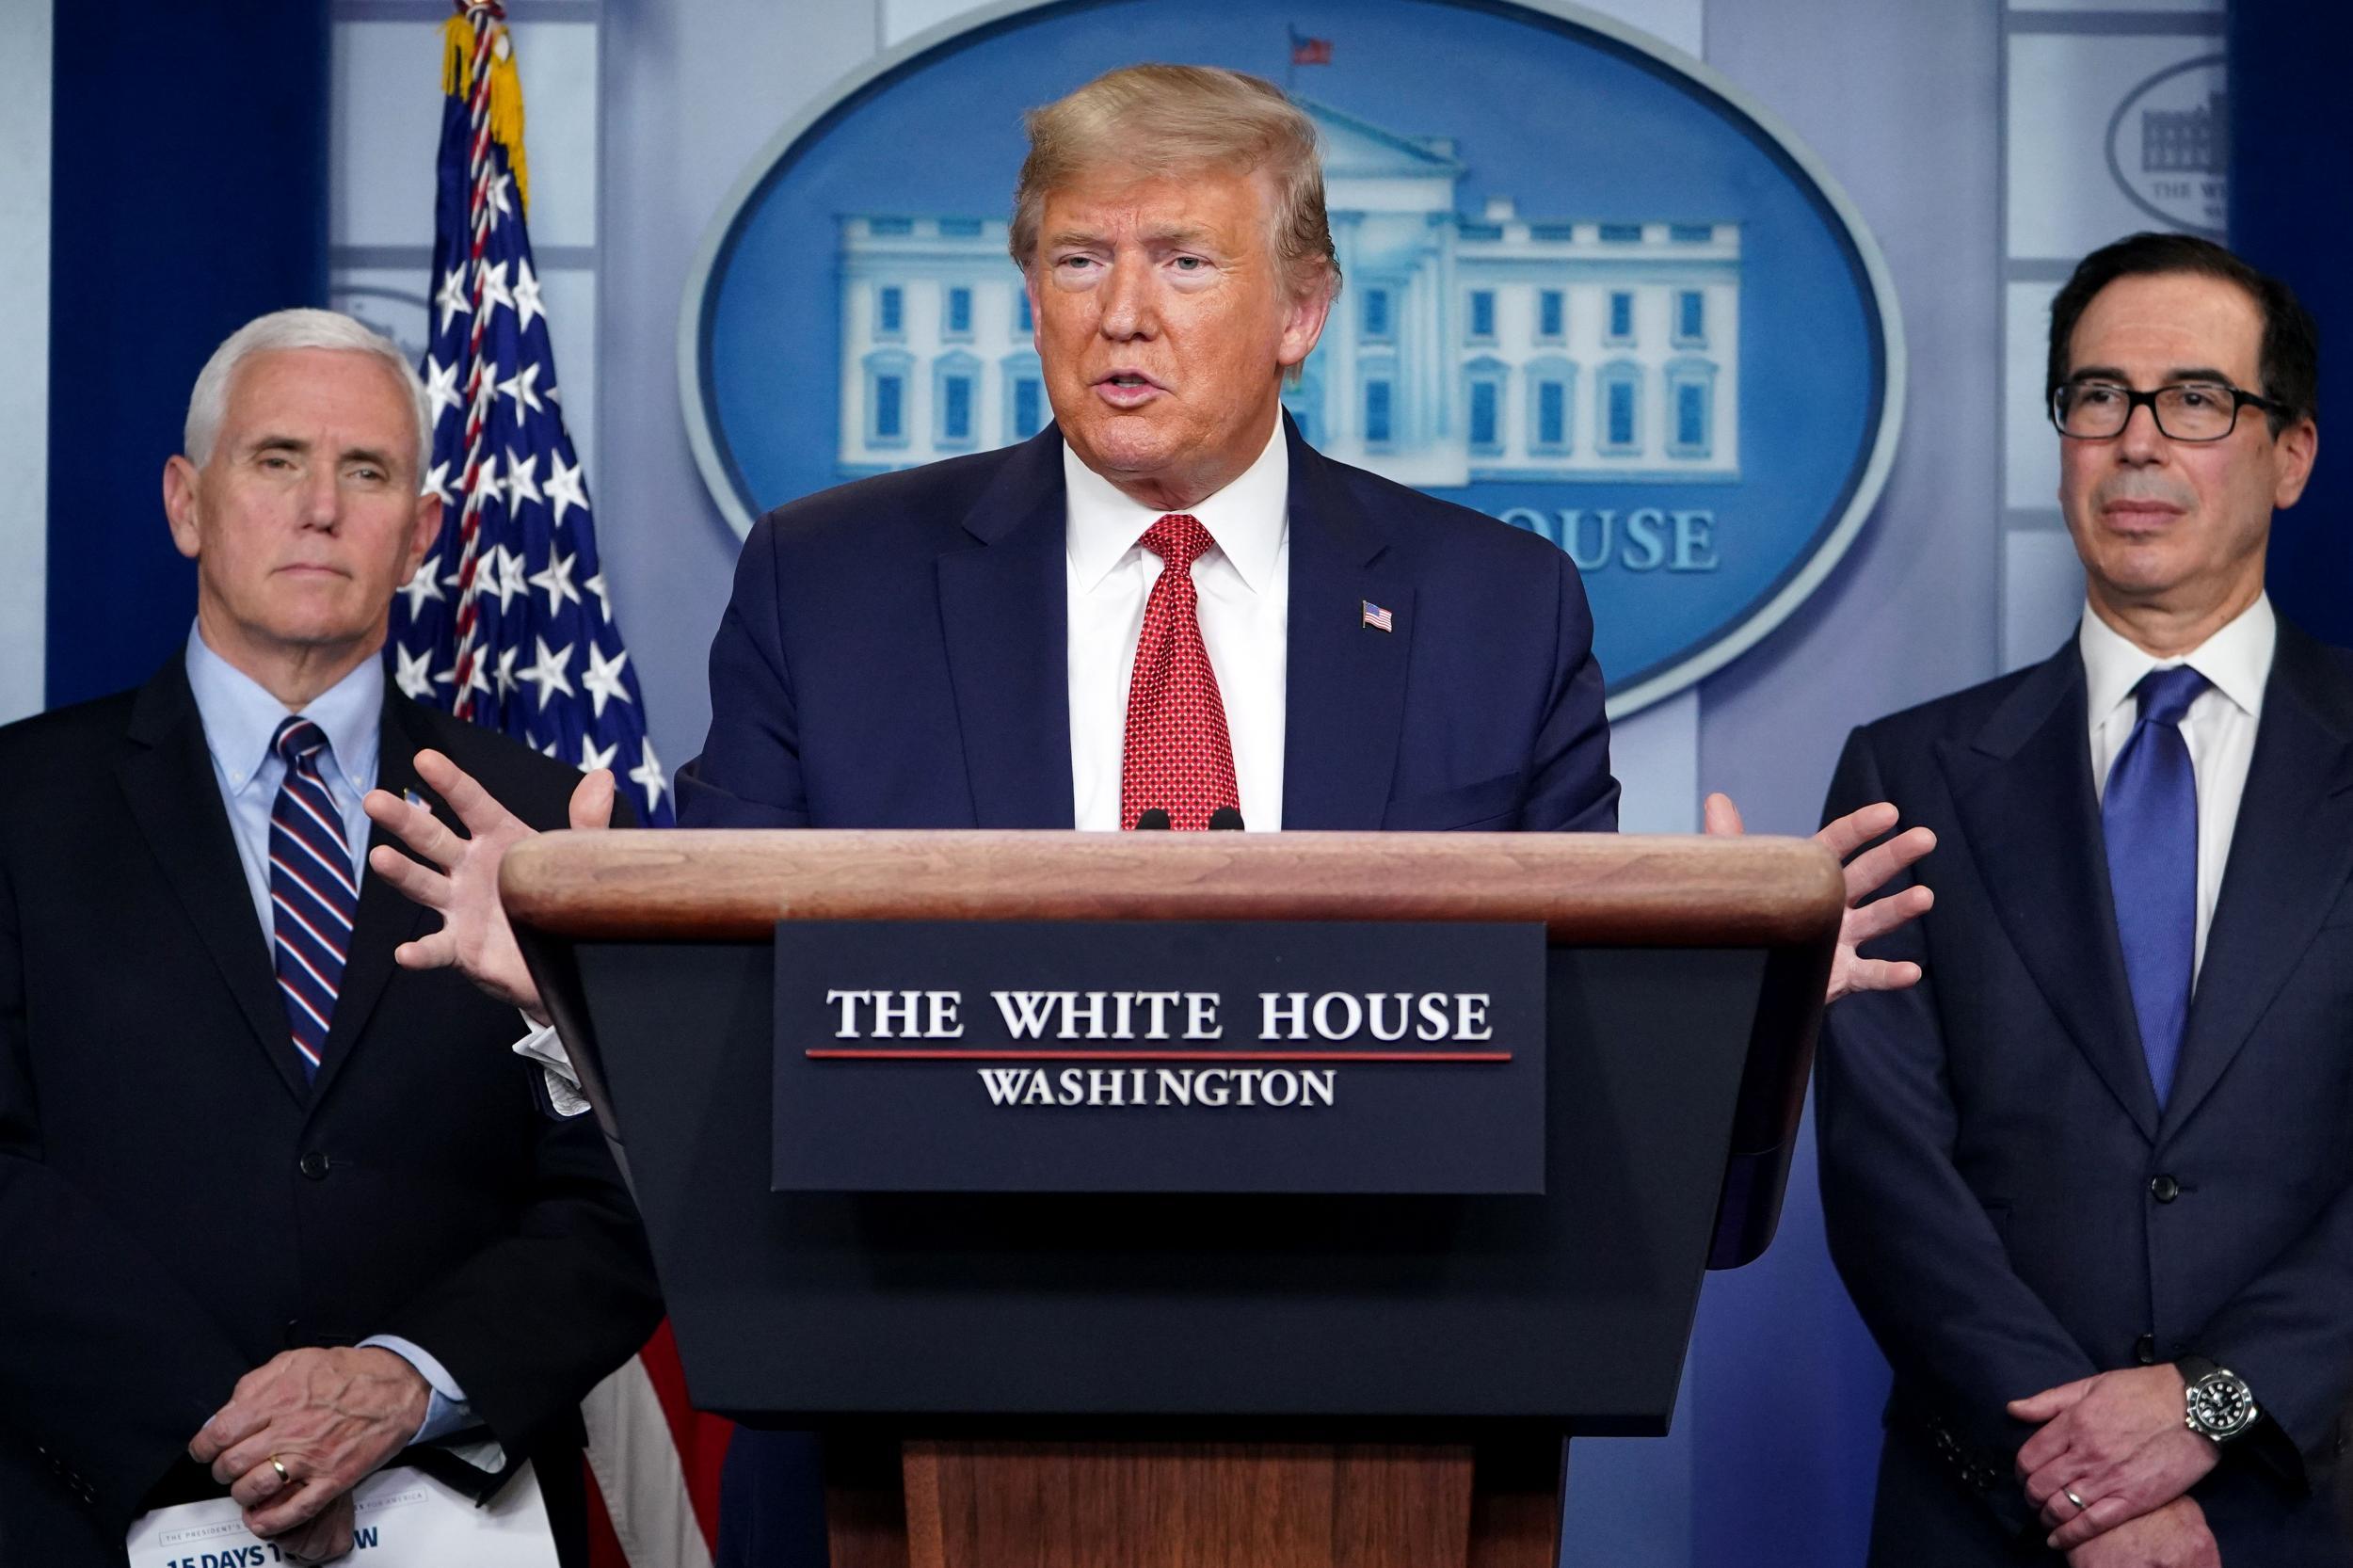 Trump rages against Nato allies during coronavirus briefing